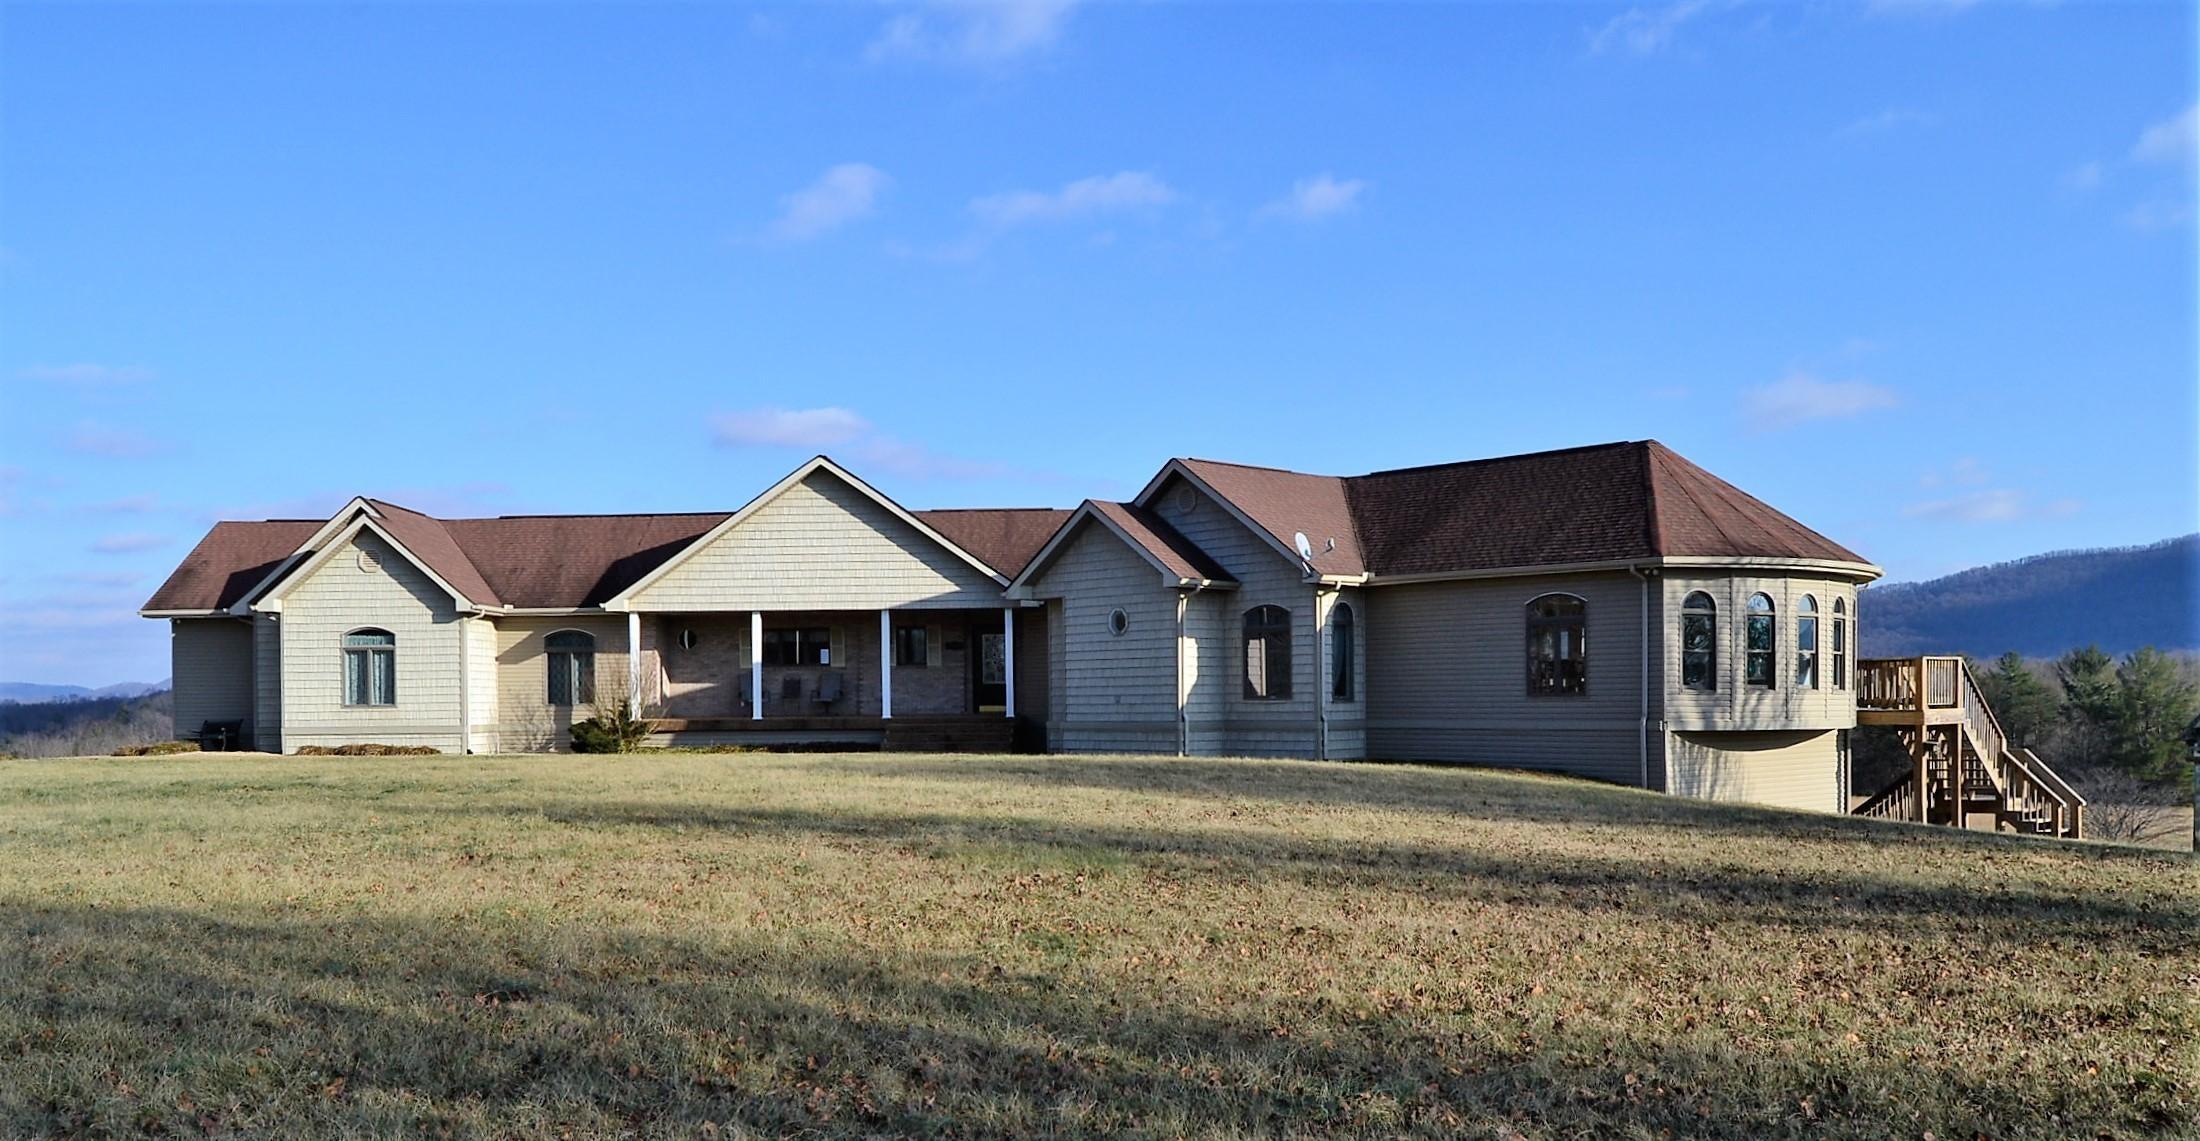 Maison unifamiliale pour l Vente à 1000 Russell Ridge Road 1000 Russell Ridge Road Crossville, Tennessee 38555 États-Unis